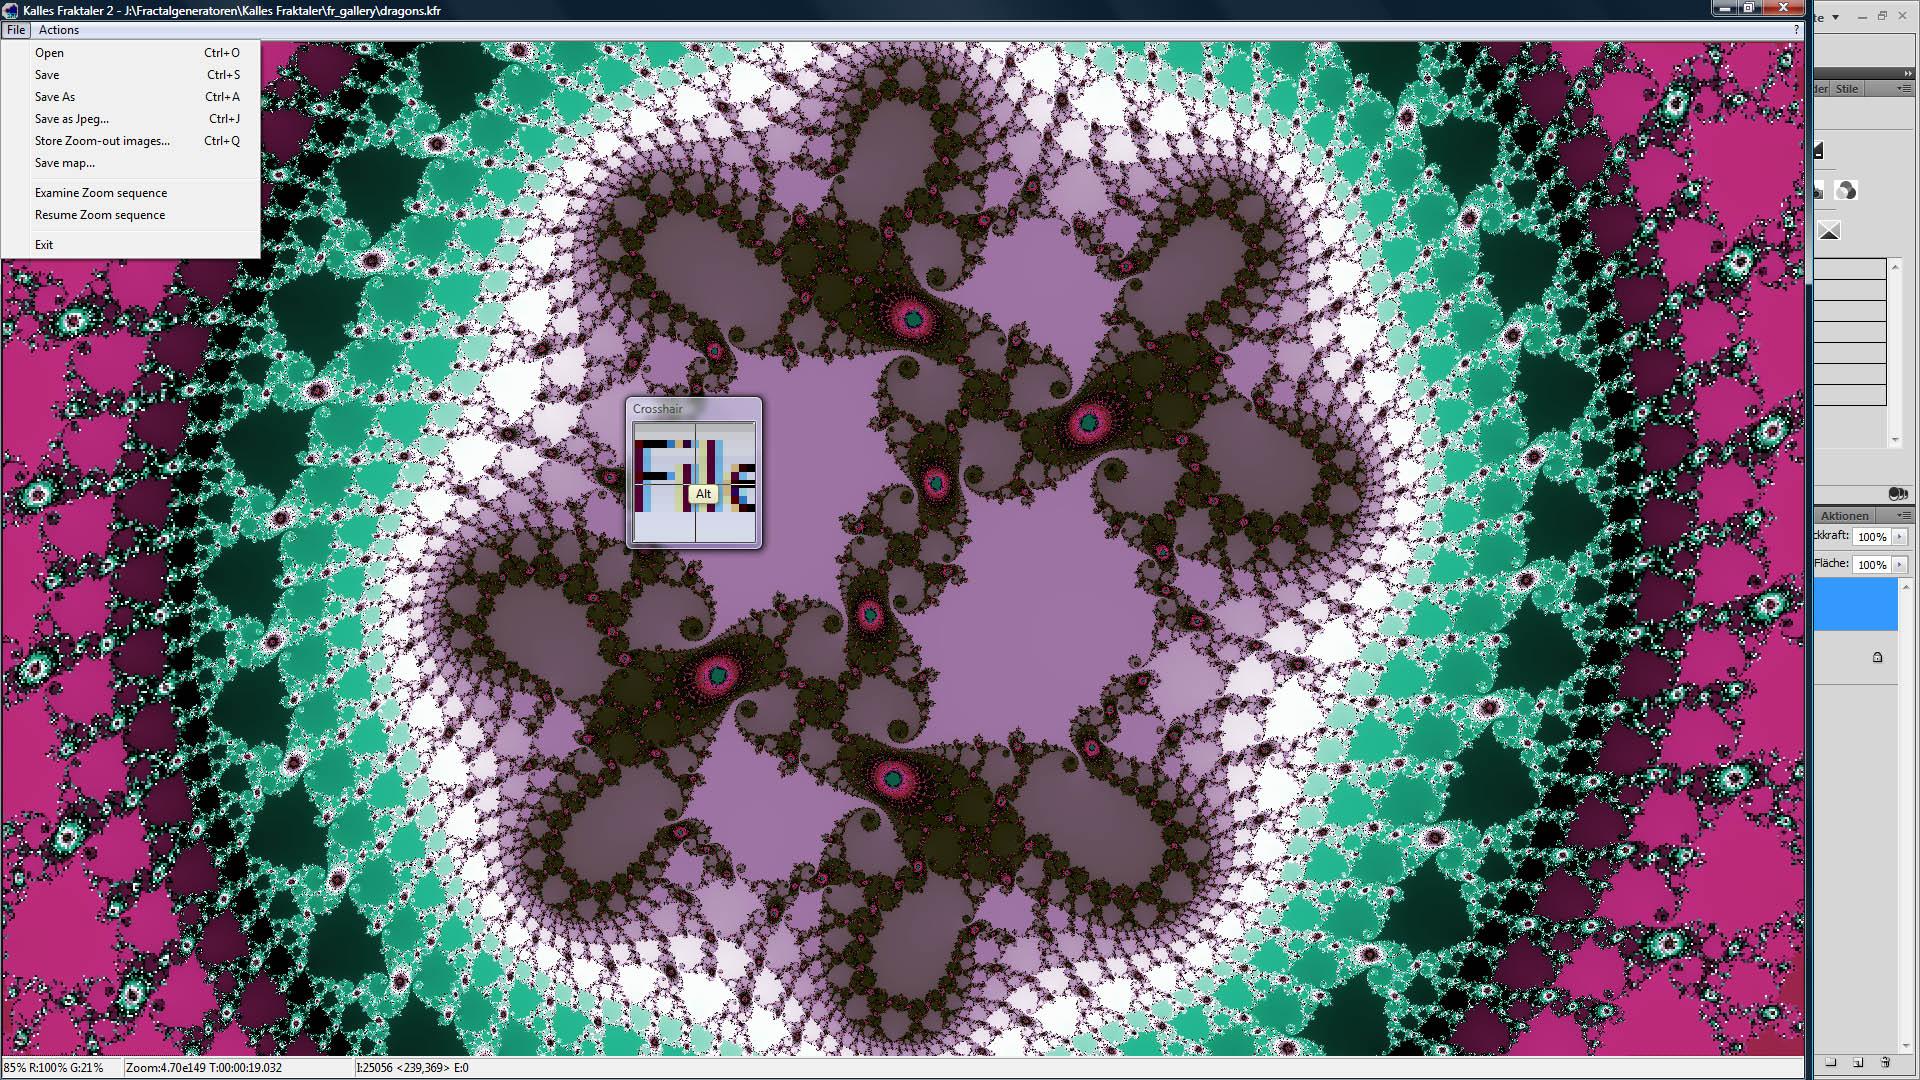 CP kalles fractaler screenshot2